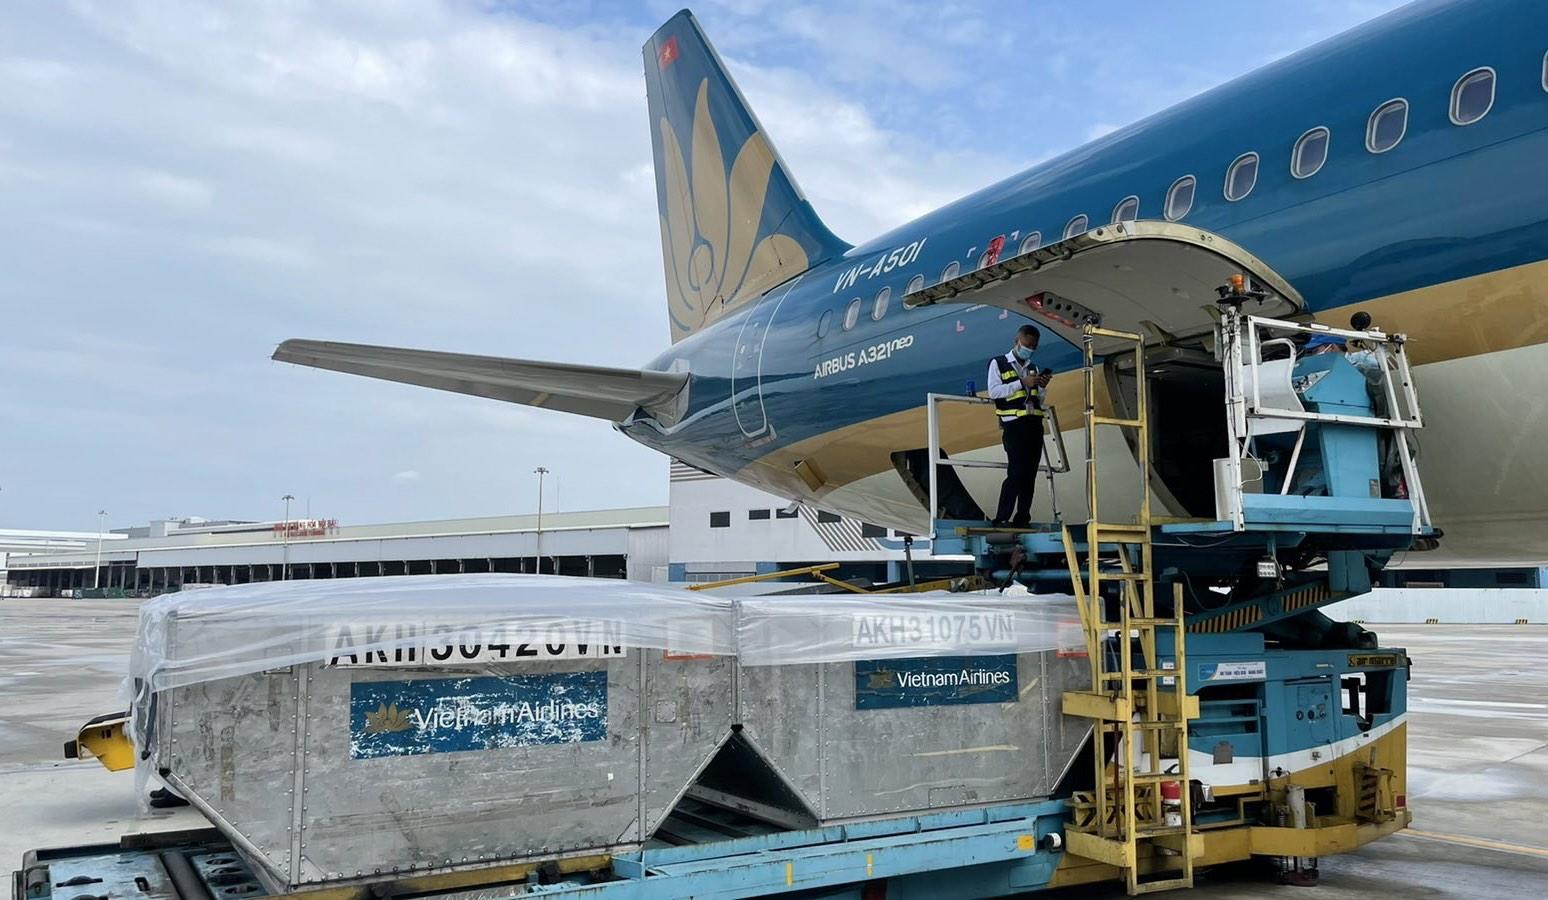 """Kinh doanh thiệt hại nặng, hàng không vẫn chung tay cùng ngành y tế vượt """"bão"""" COVID-19 - Ảnh 2."""